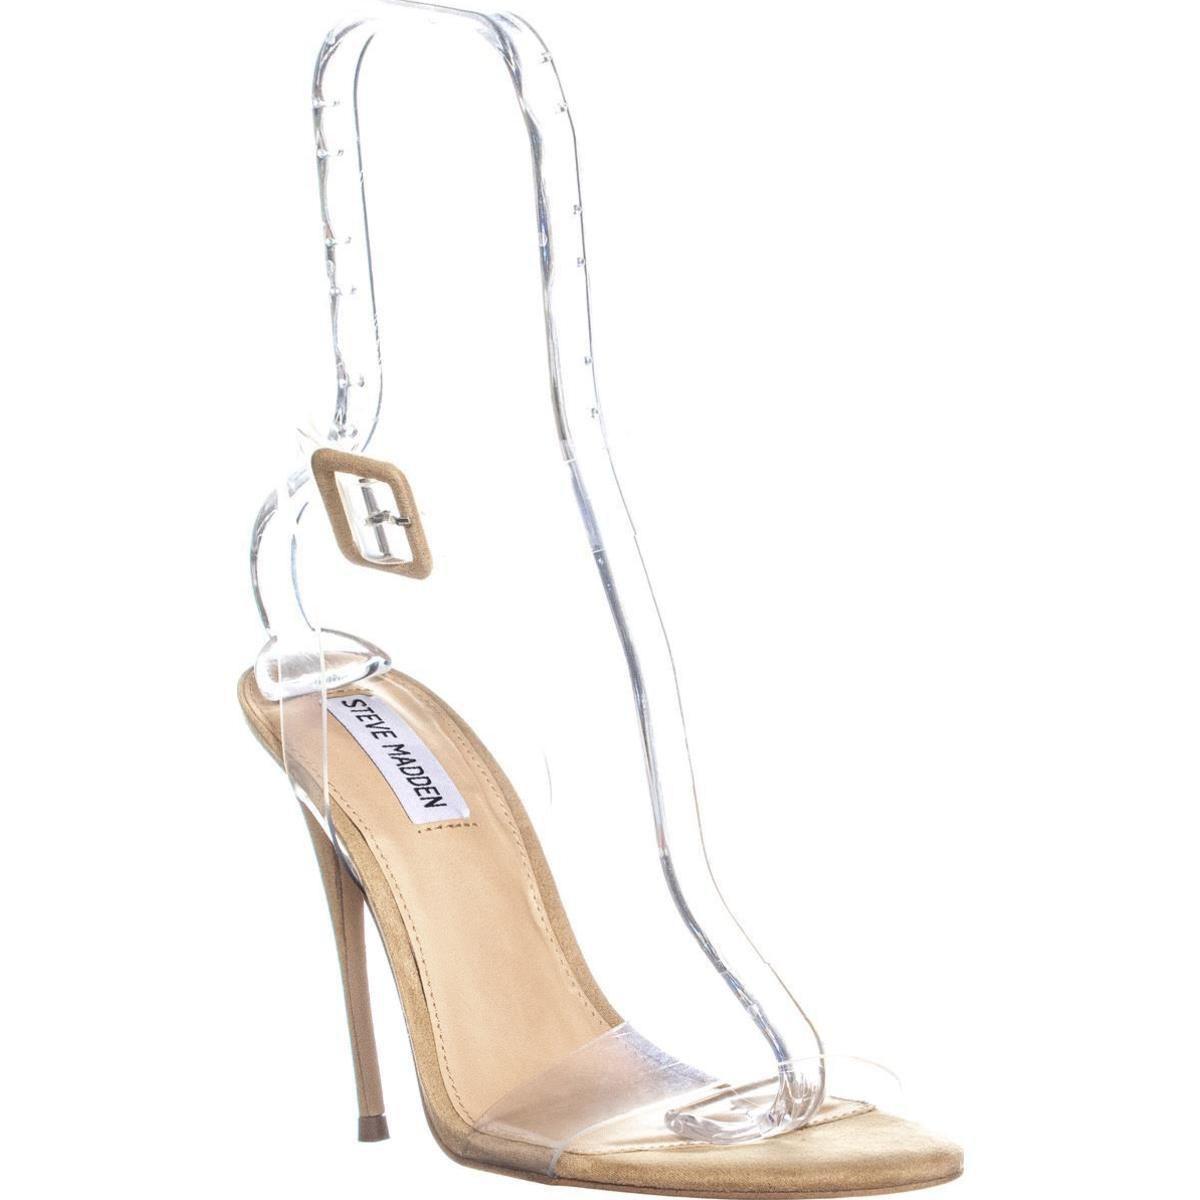 35906390a01 Lyst - Steve Madden Seeme Heeled Sandals